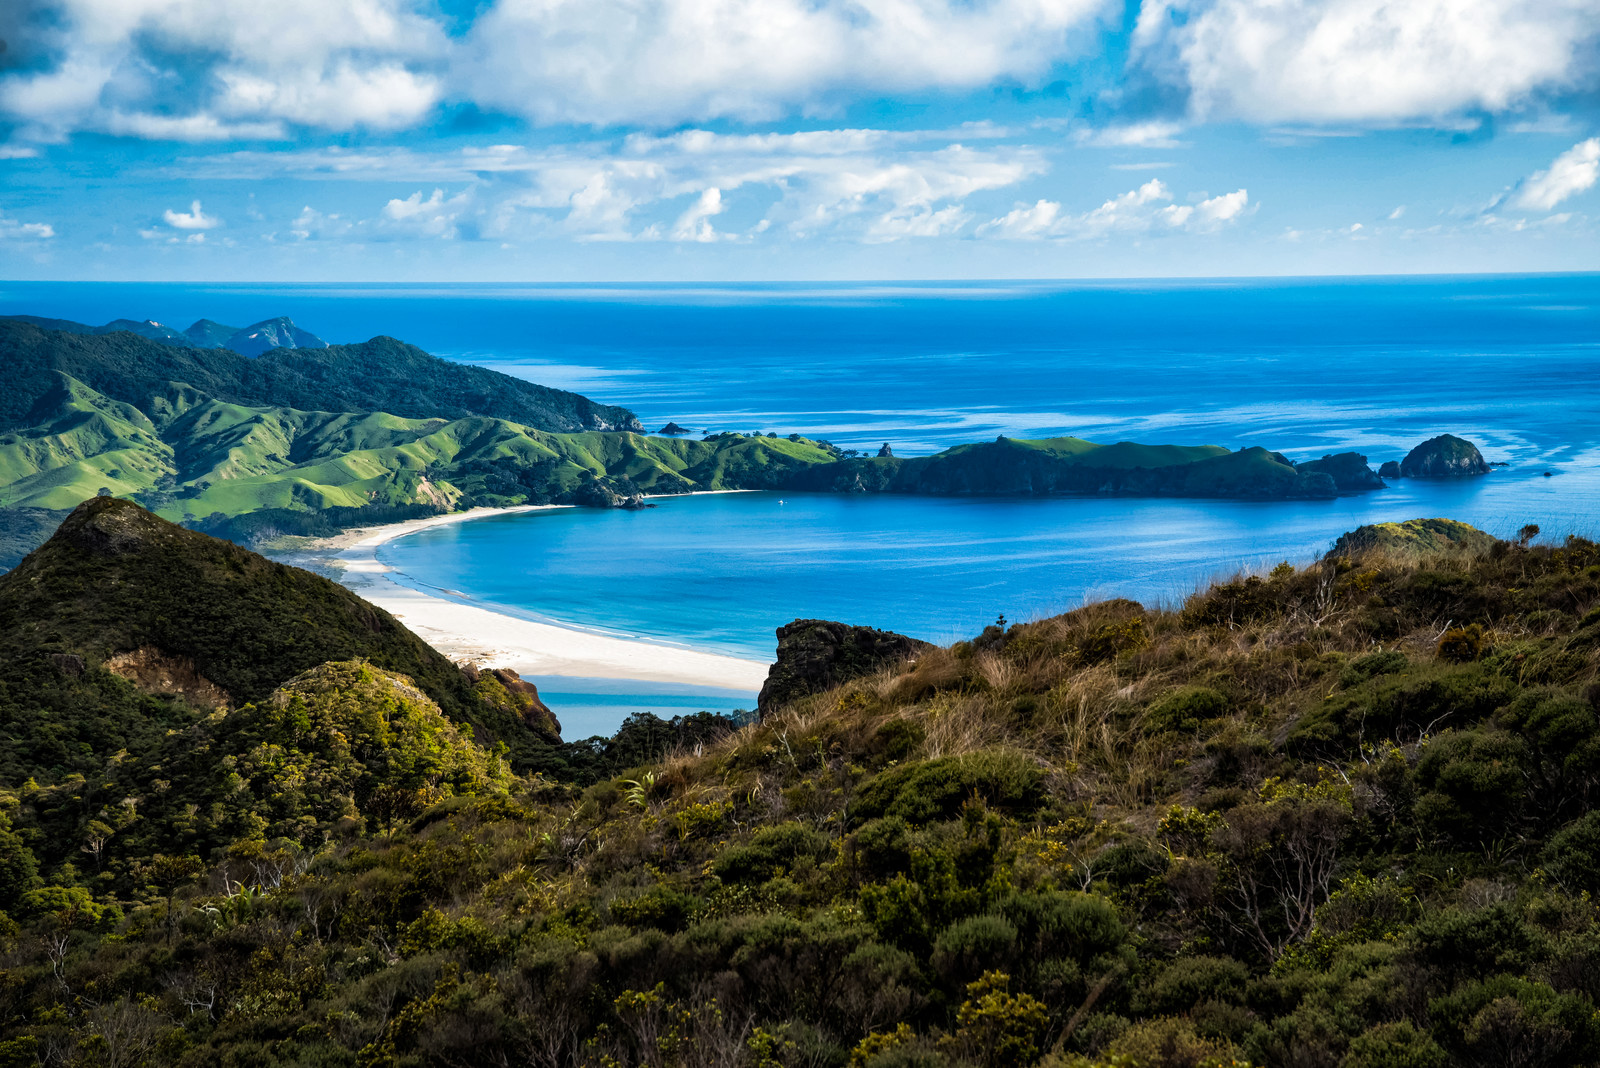 「アオテアトレックから見える美しいビーチ(ニュージーランド)」の写真